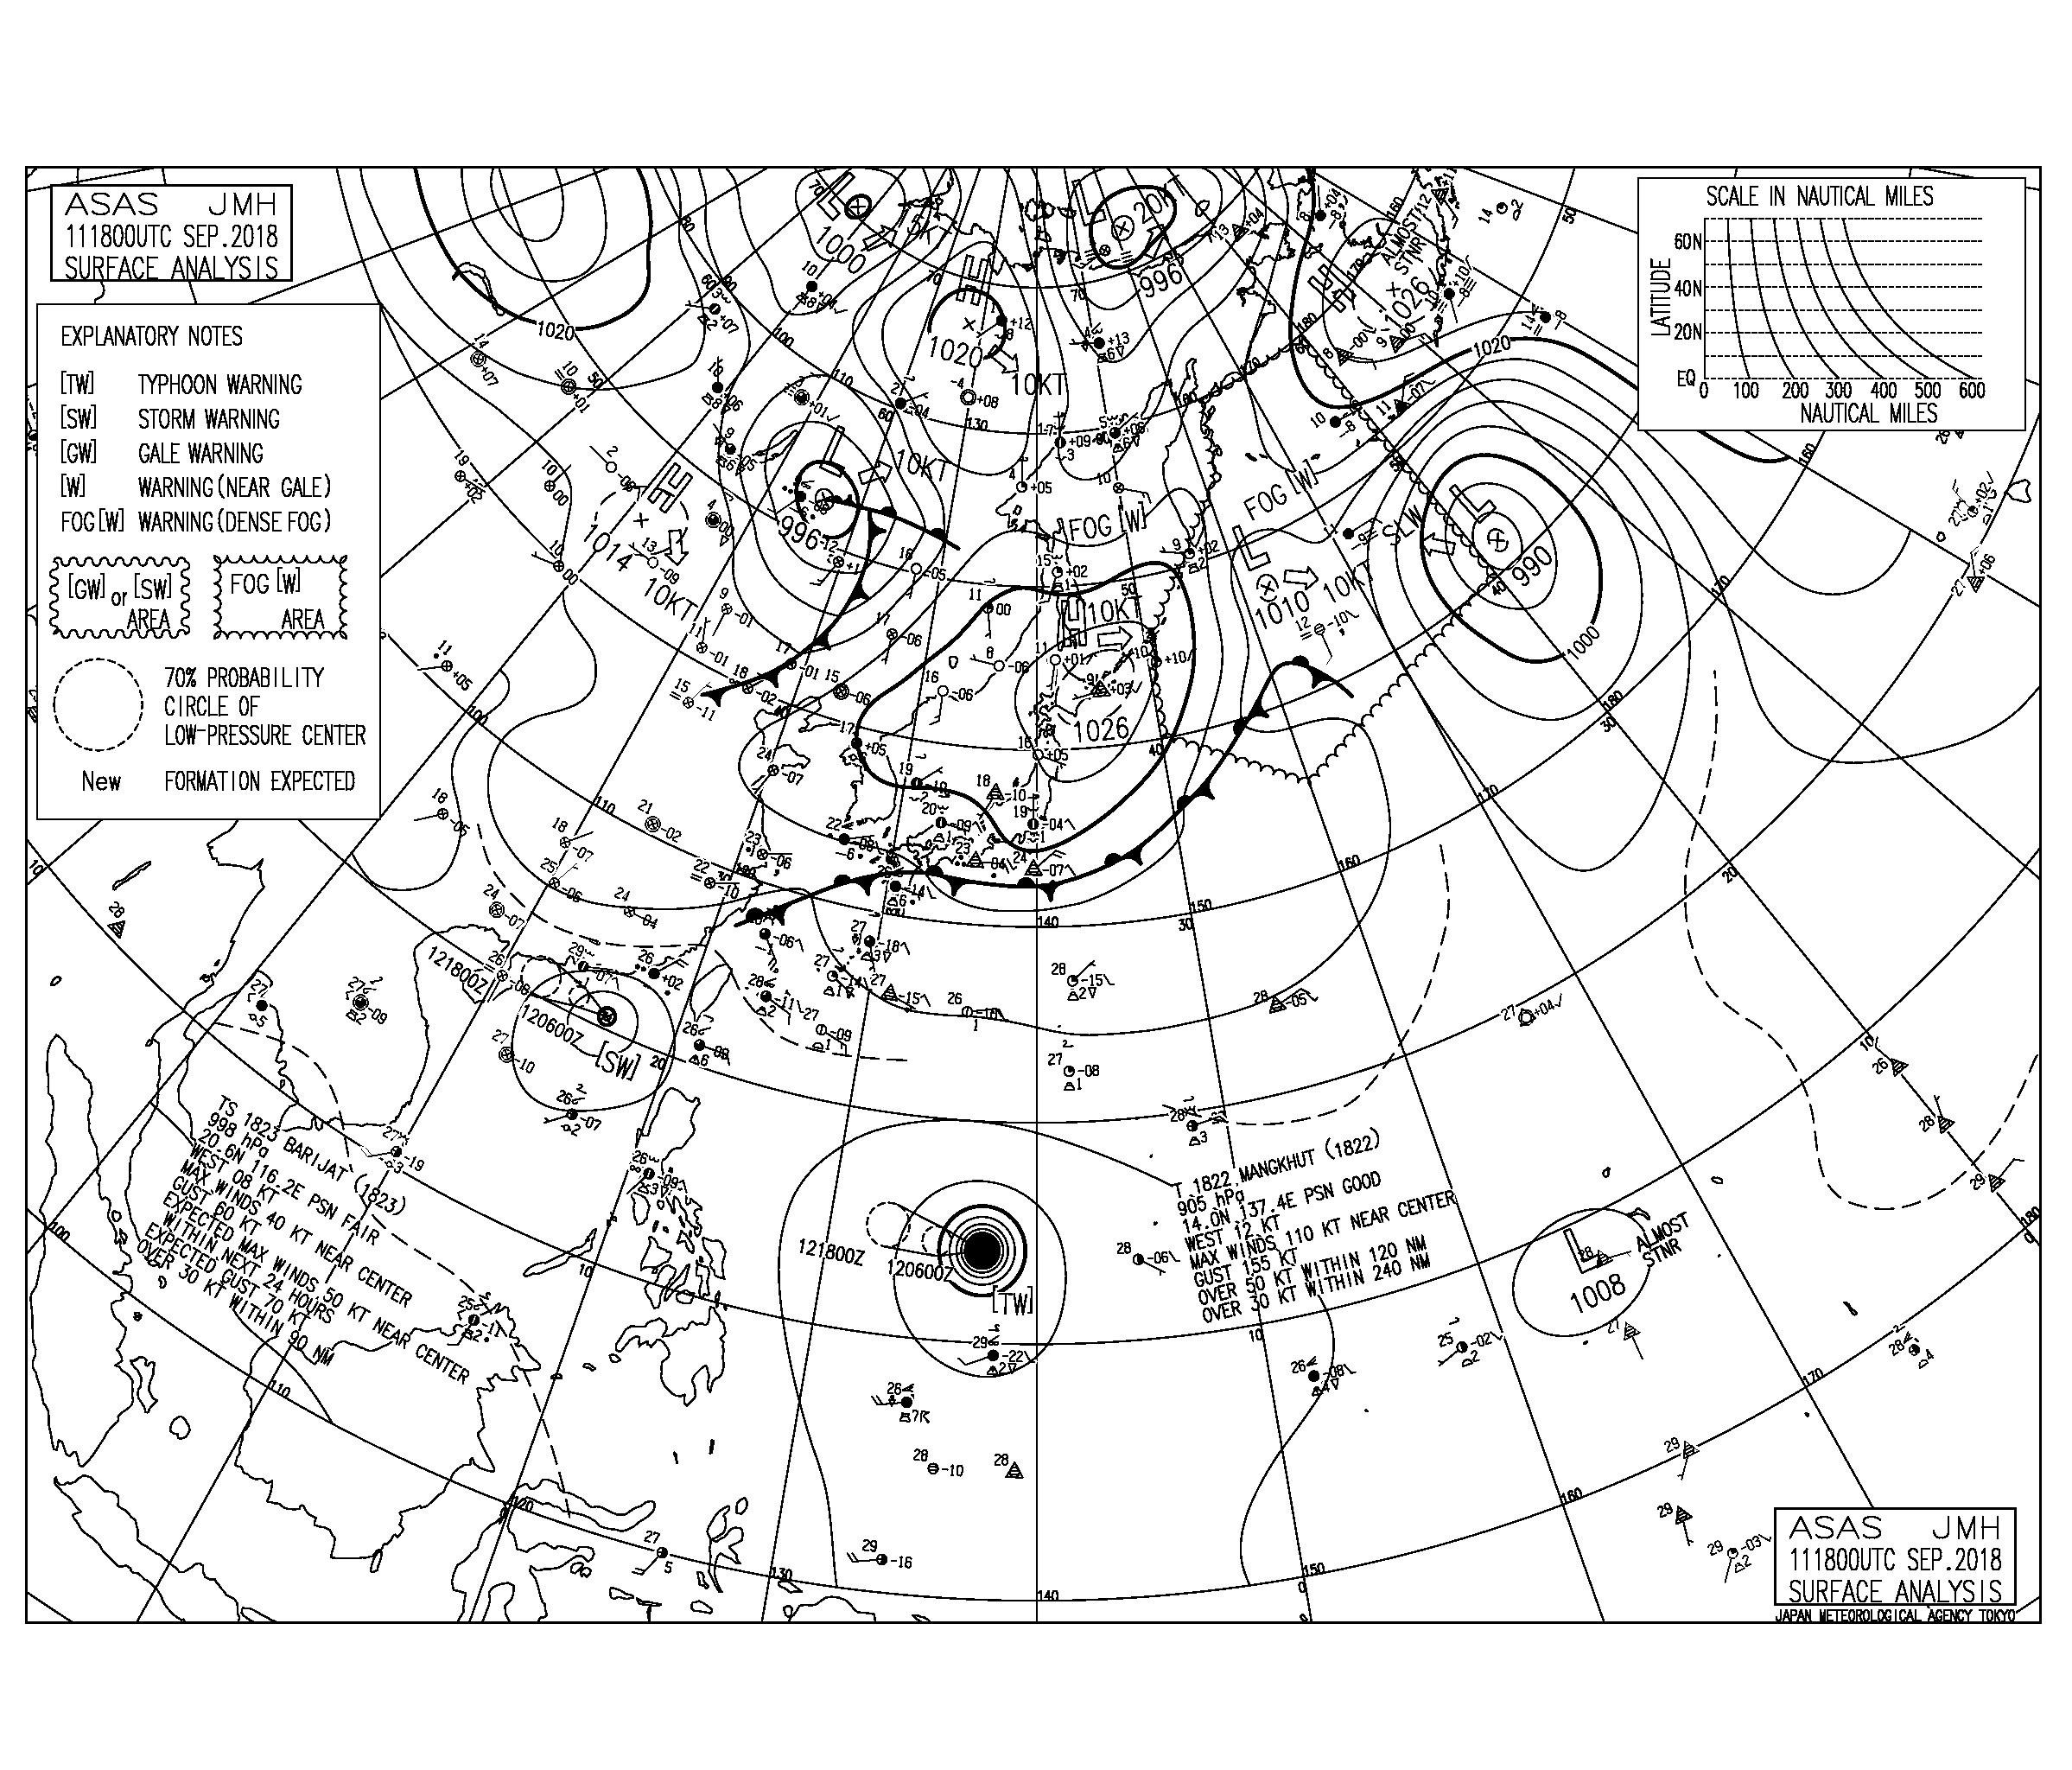 9/12 気圧配置と波情報~今朝も前線に向けて北から北東の風がやや強め、台風22号は猛烈な強さまで発達し西進